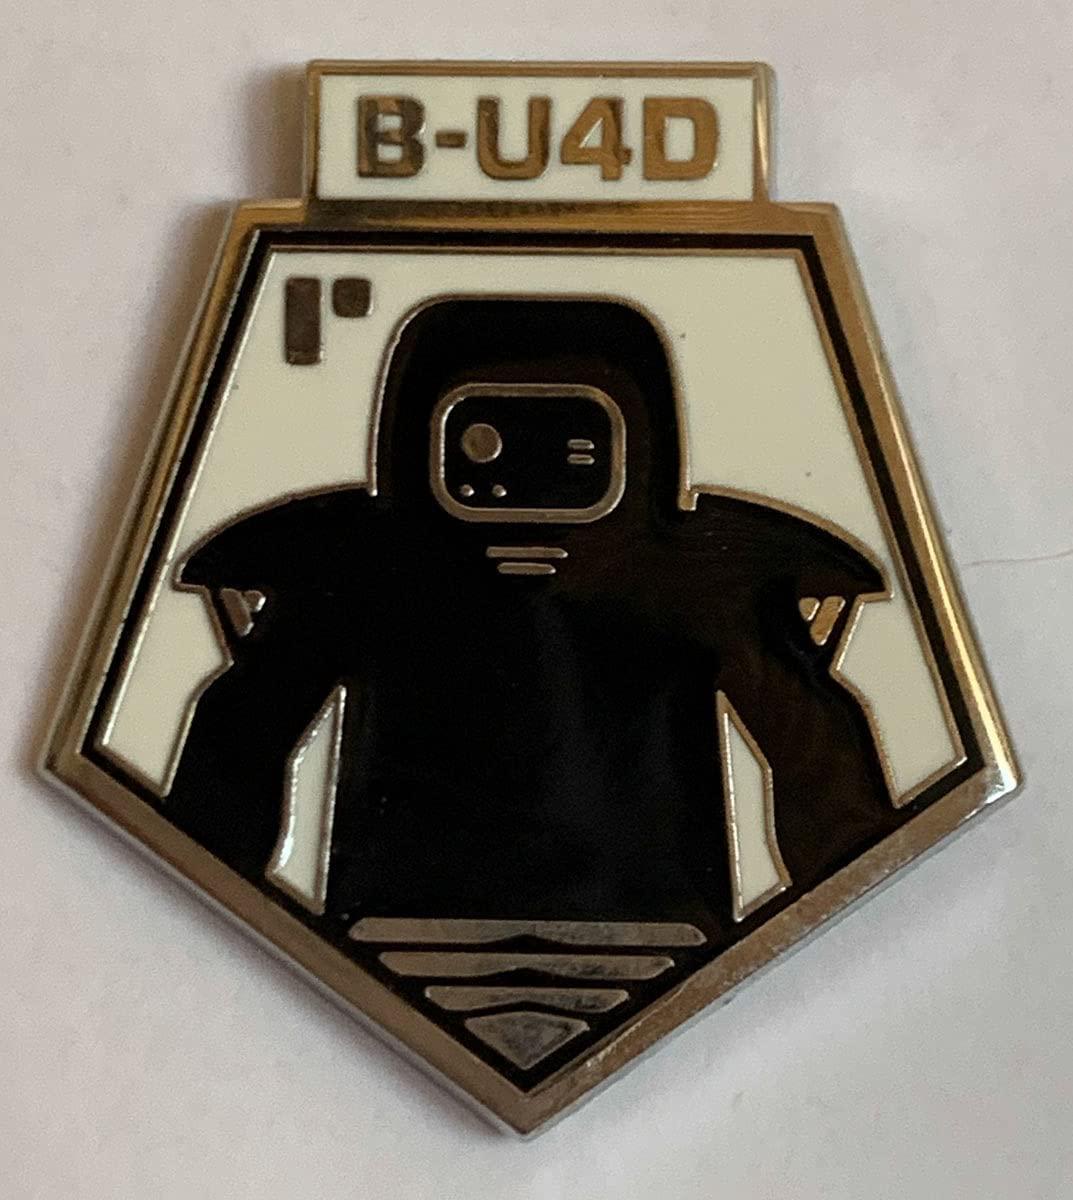 SWGE B-U4D Droid Depot Mystery Pin